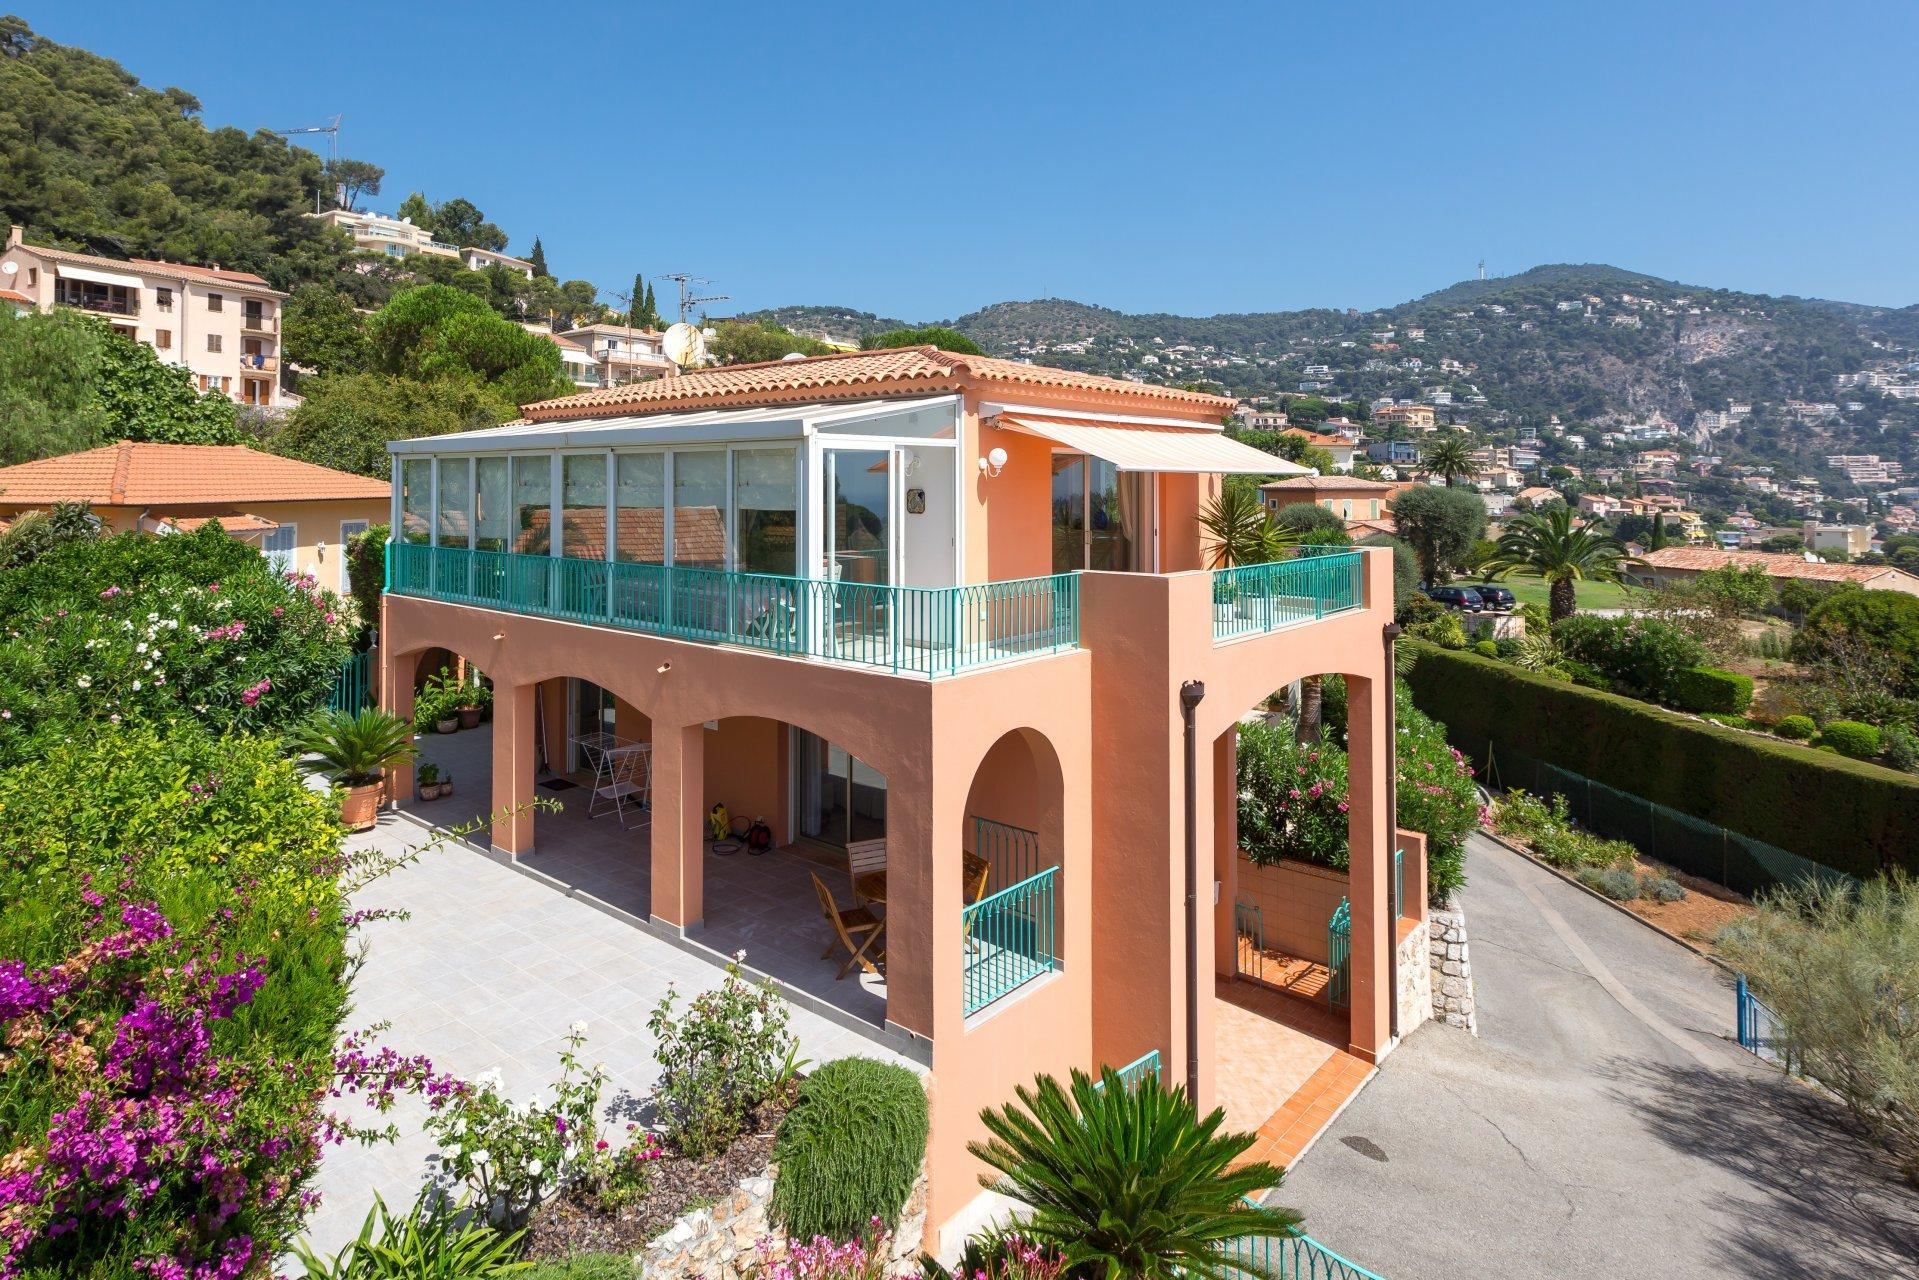 Villa in Villefranche-sur-Mer, Provence-Alpes-Côte d'Azur, France 1